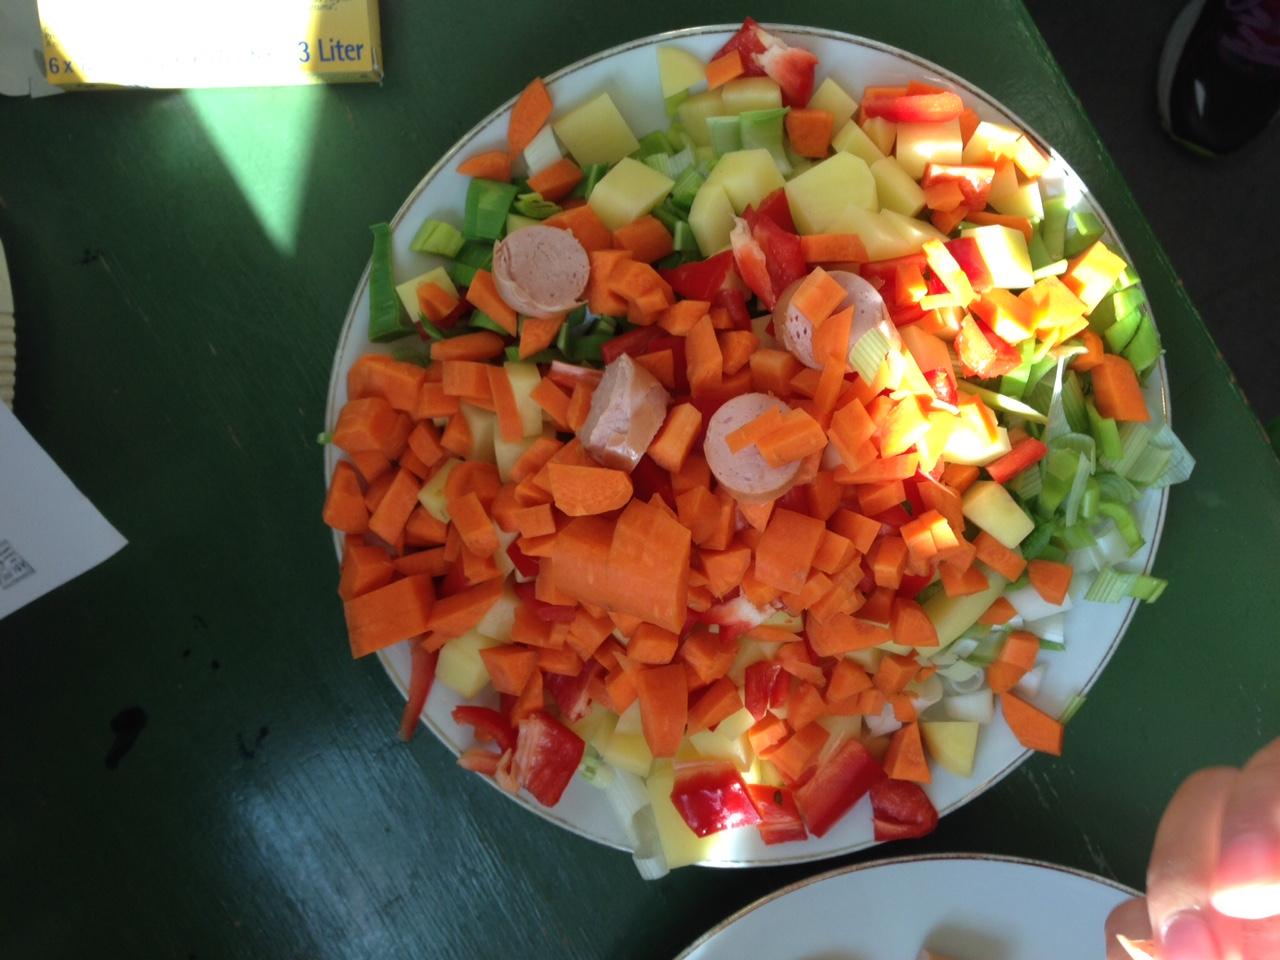 Zutaten für die Gemüsesuppe. Lecker!